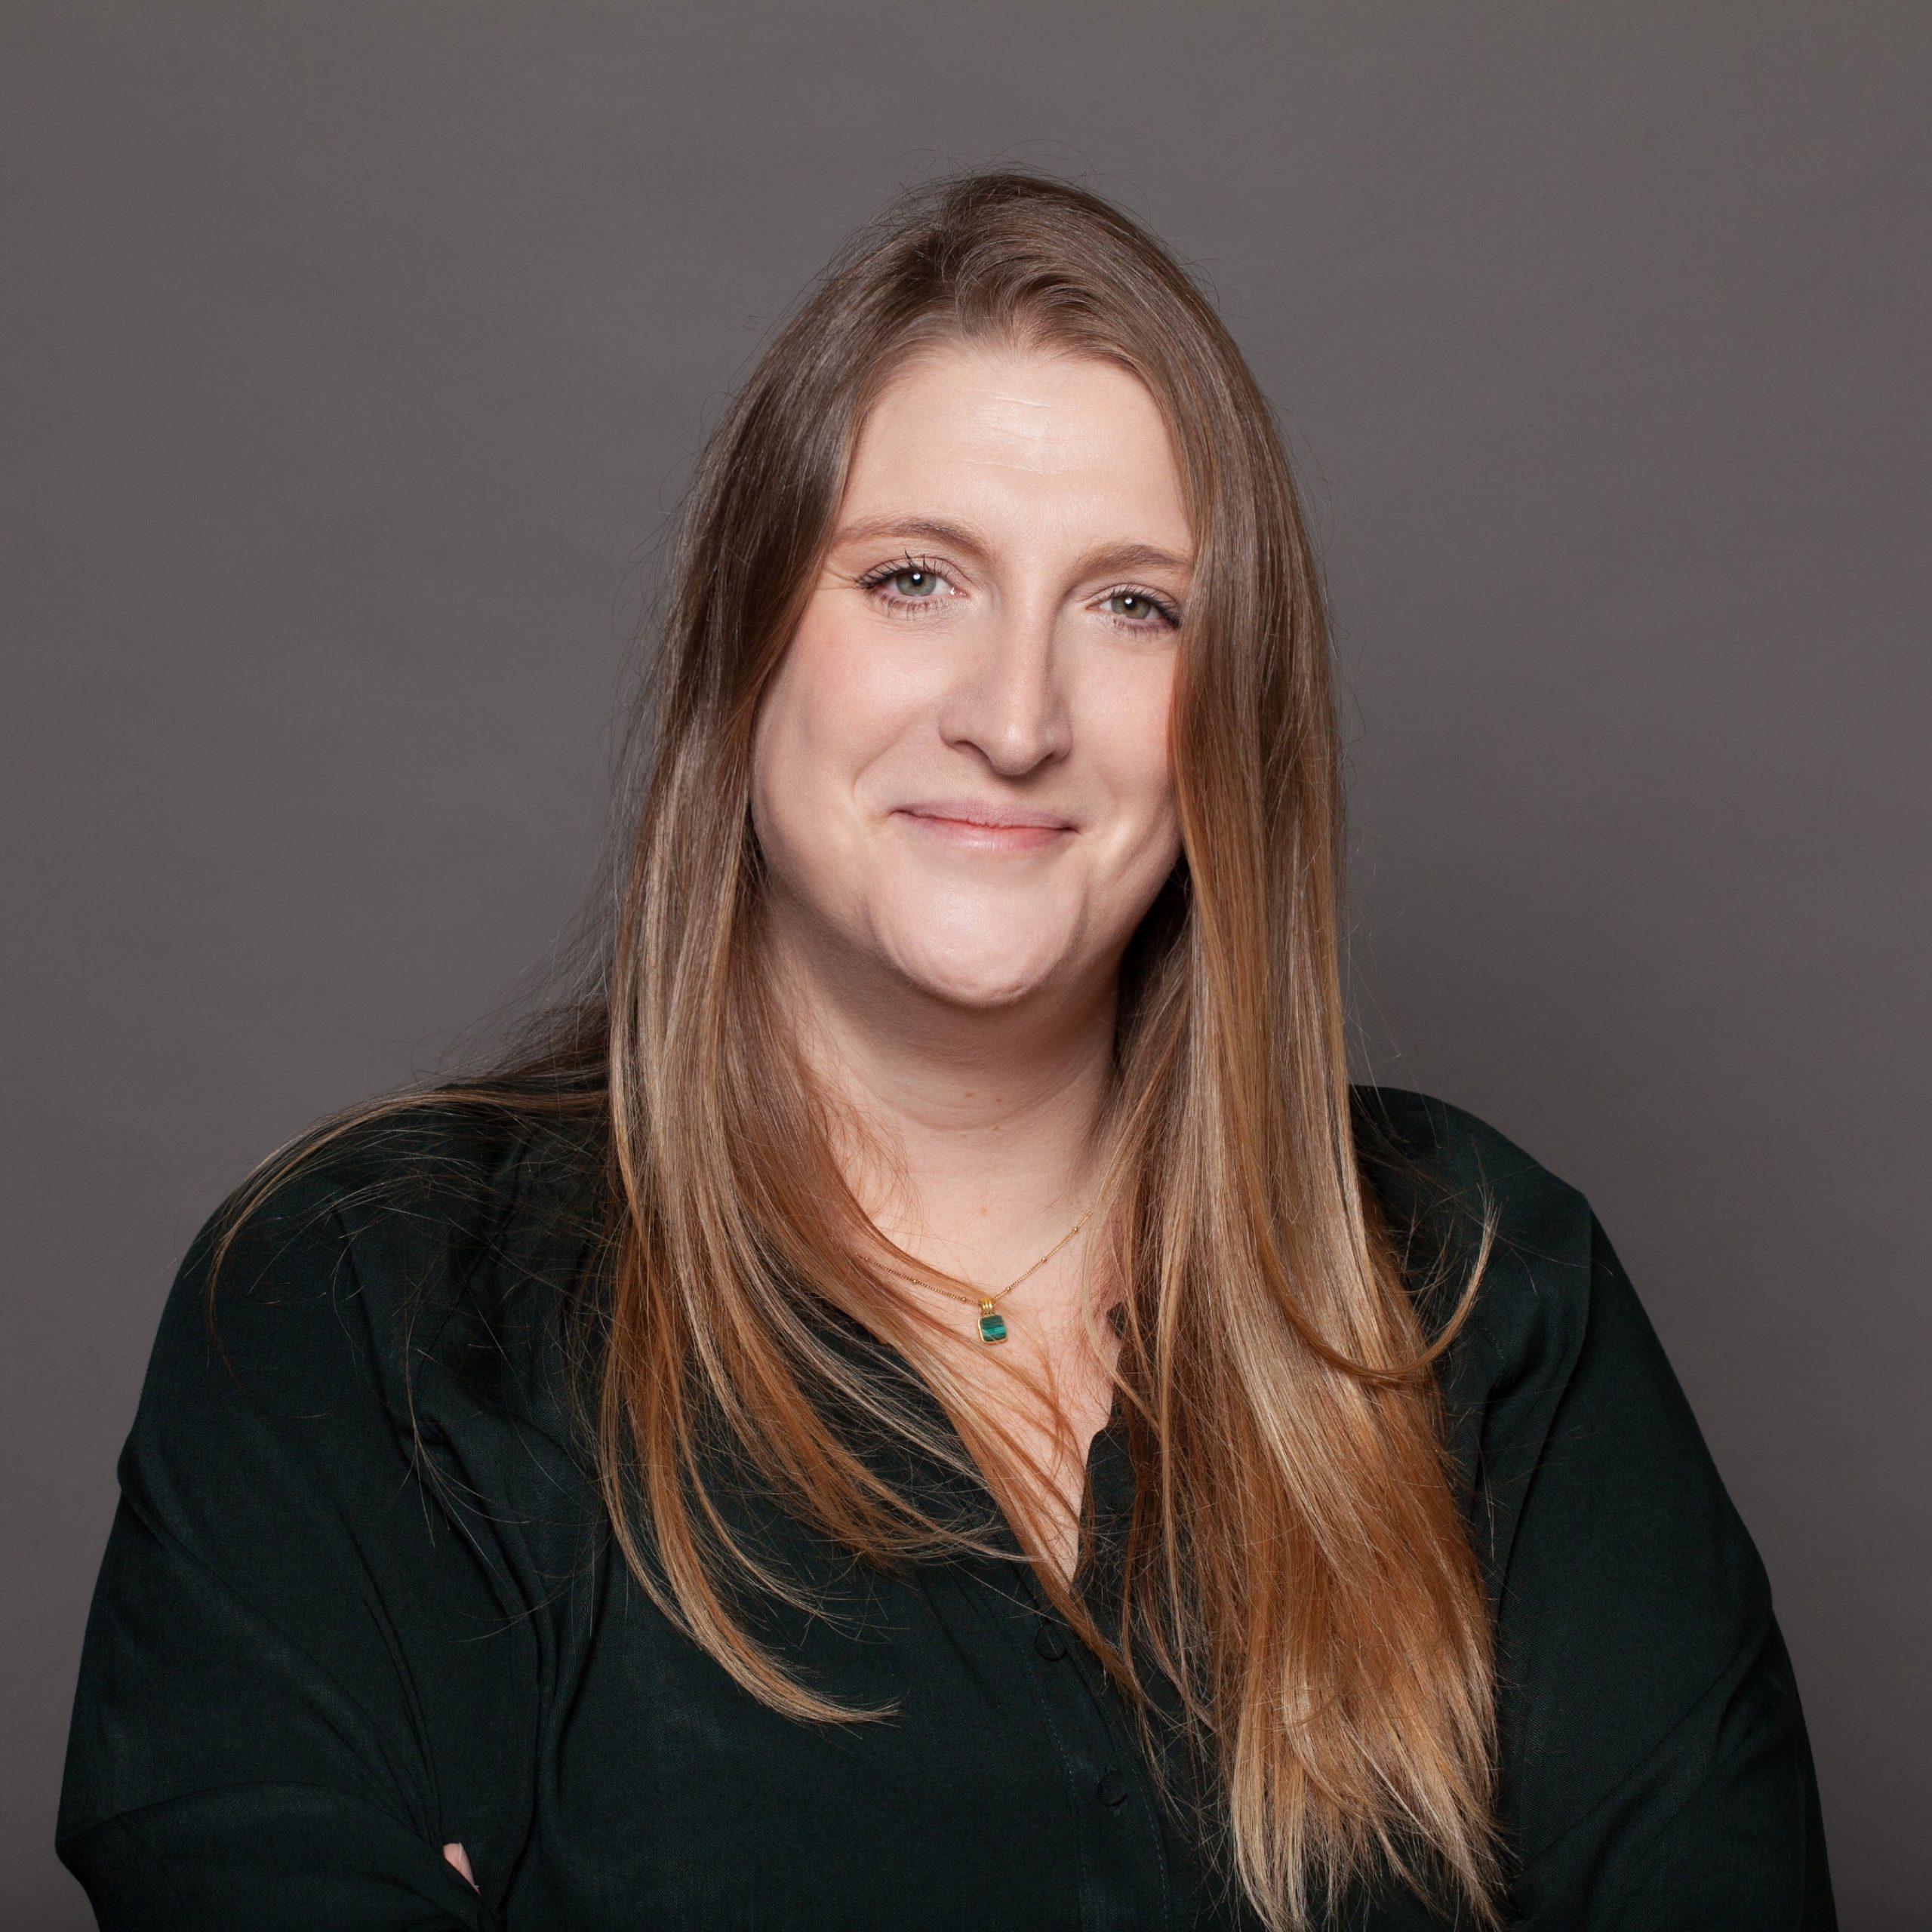 Katie Ringer